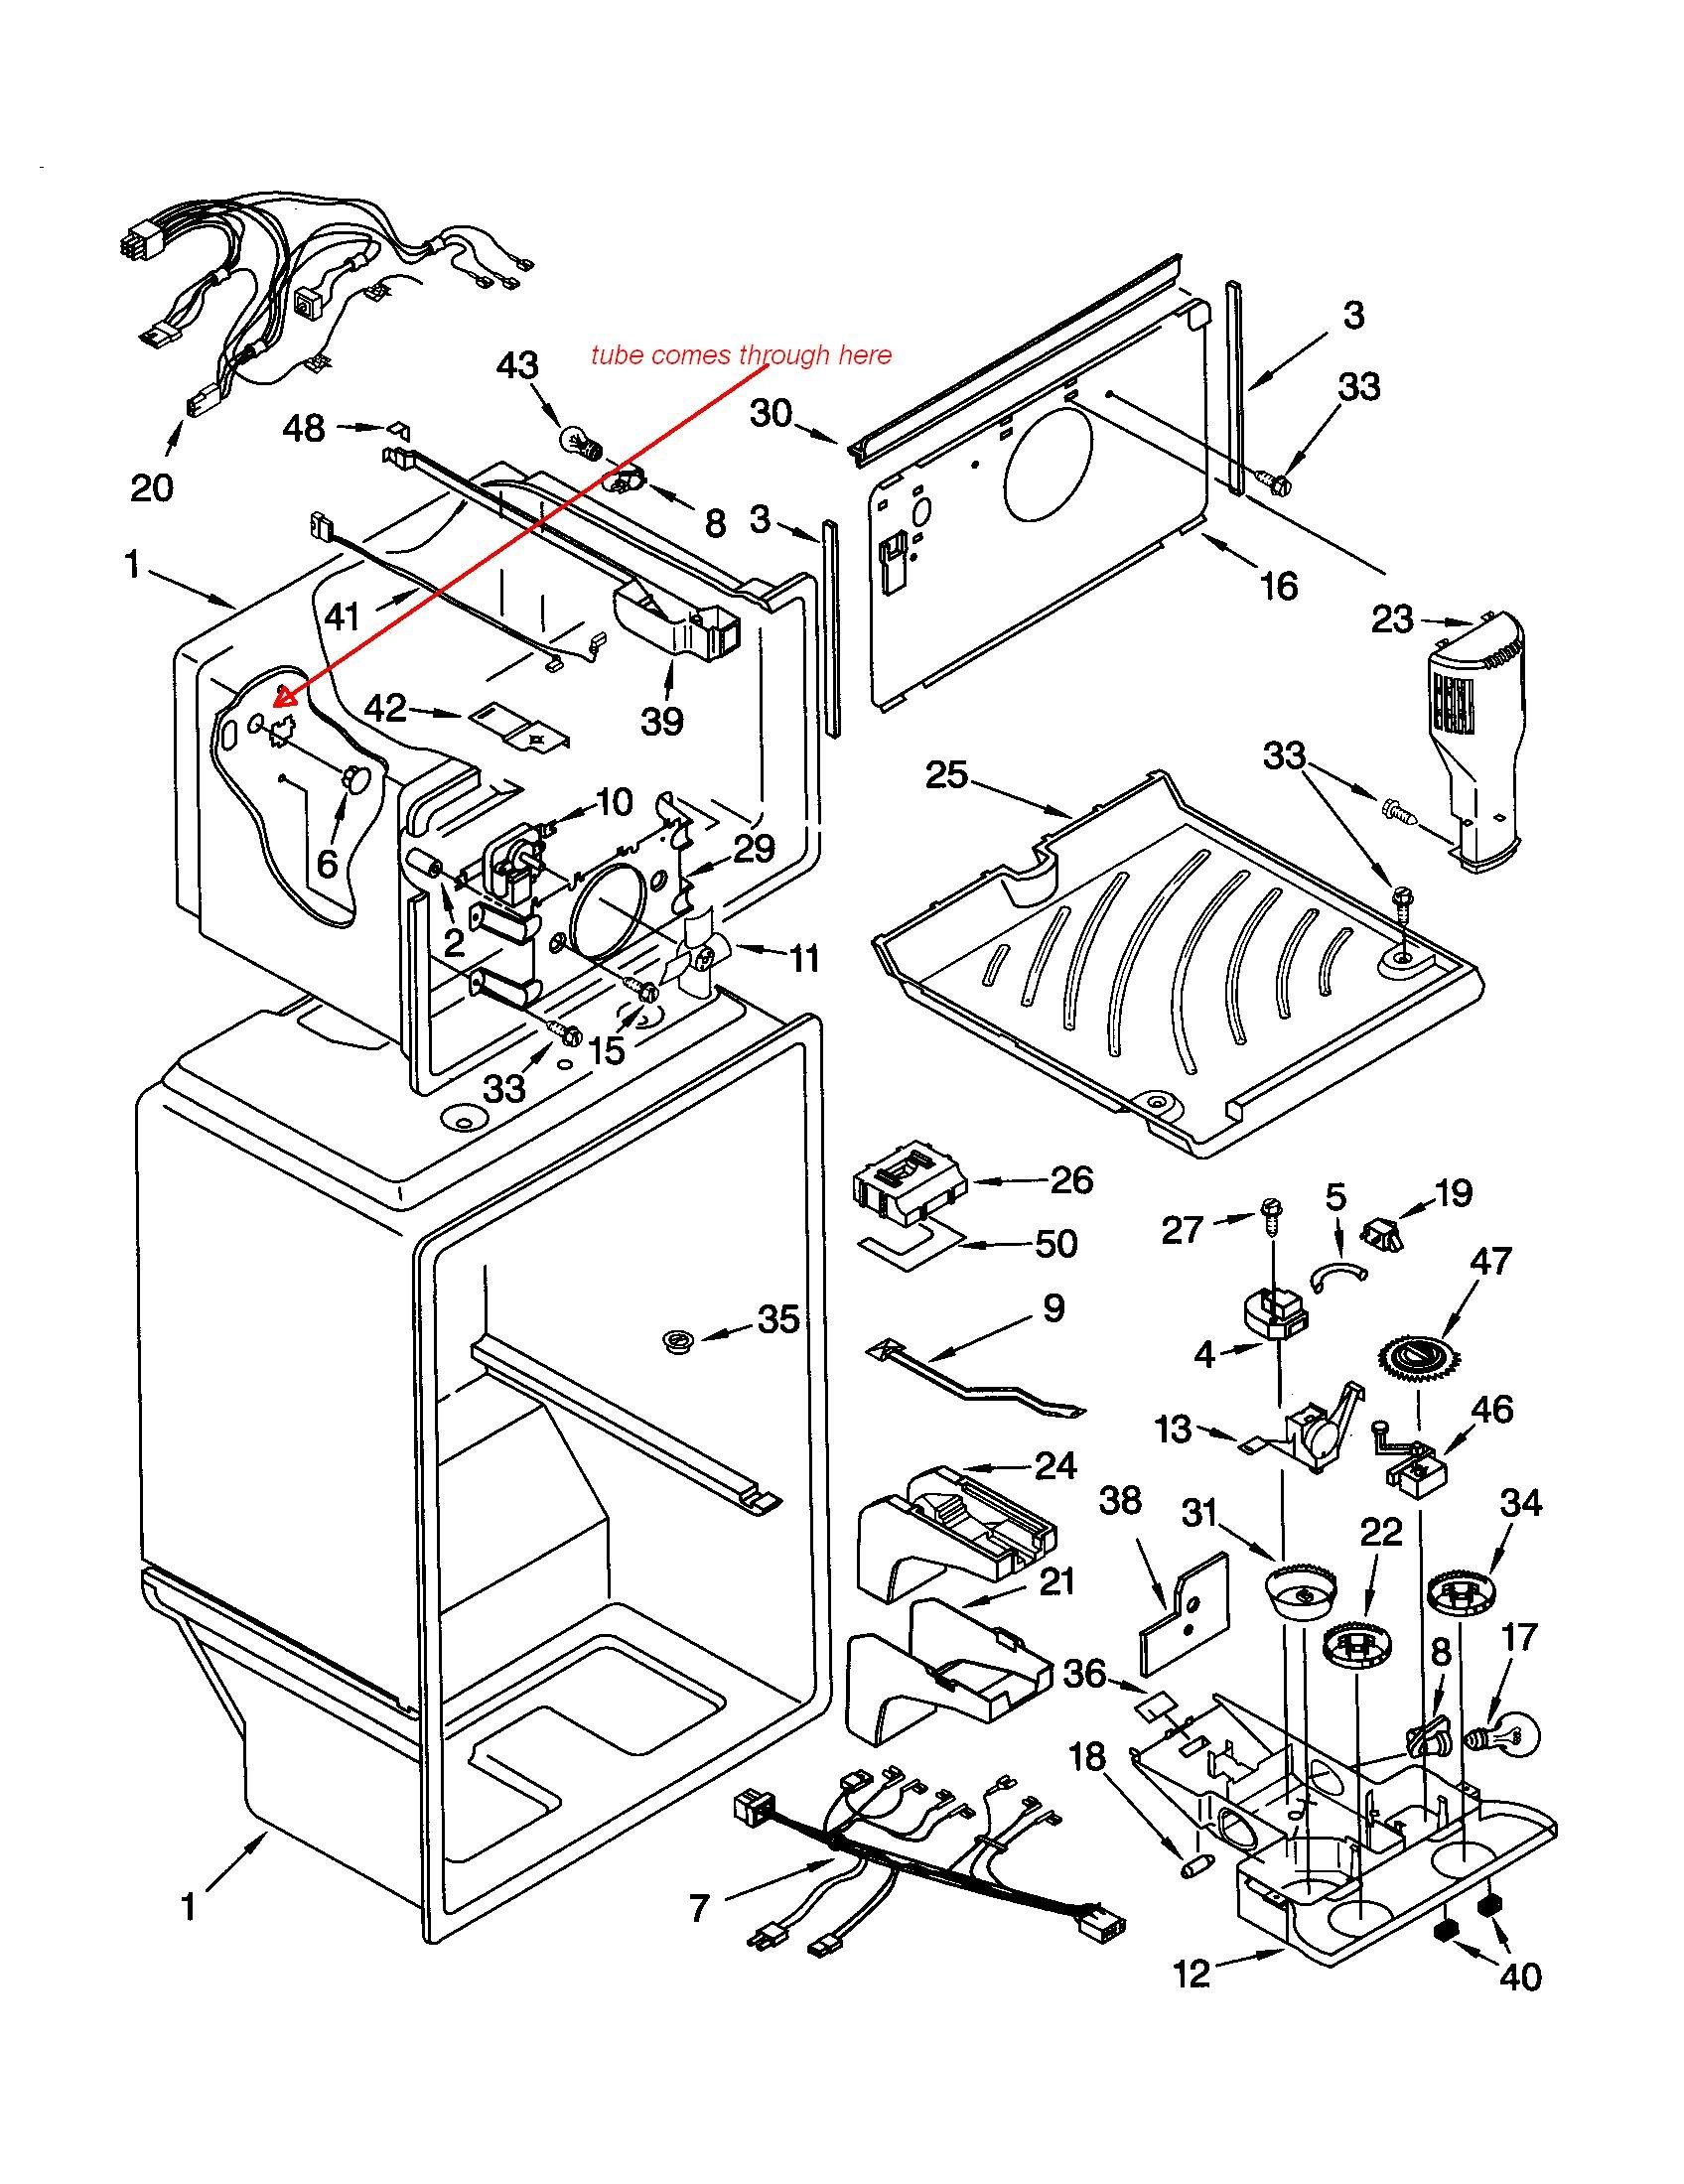 Kenmore coldspot 106 parts manual